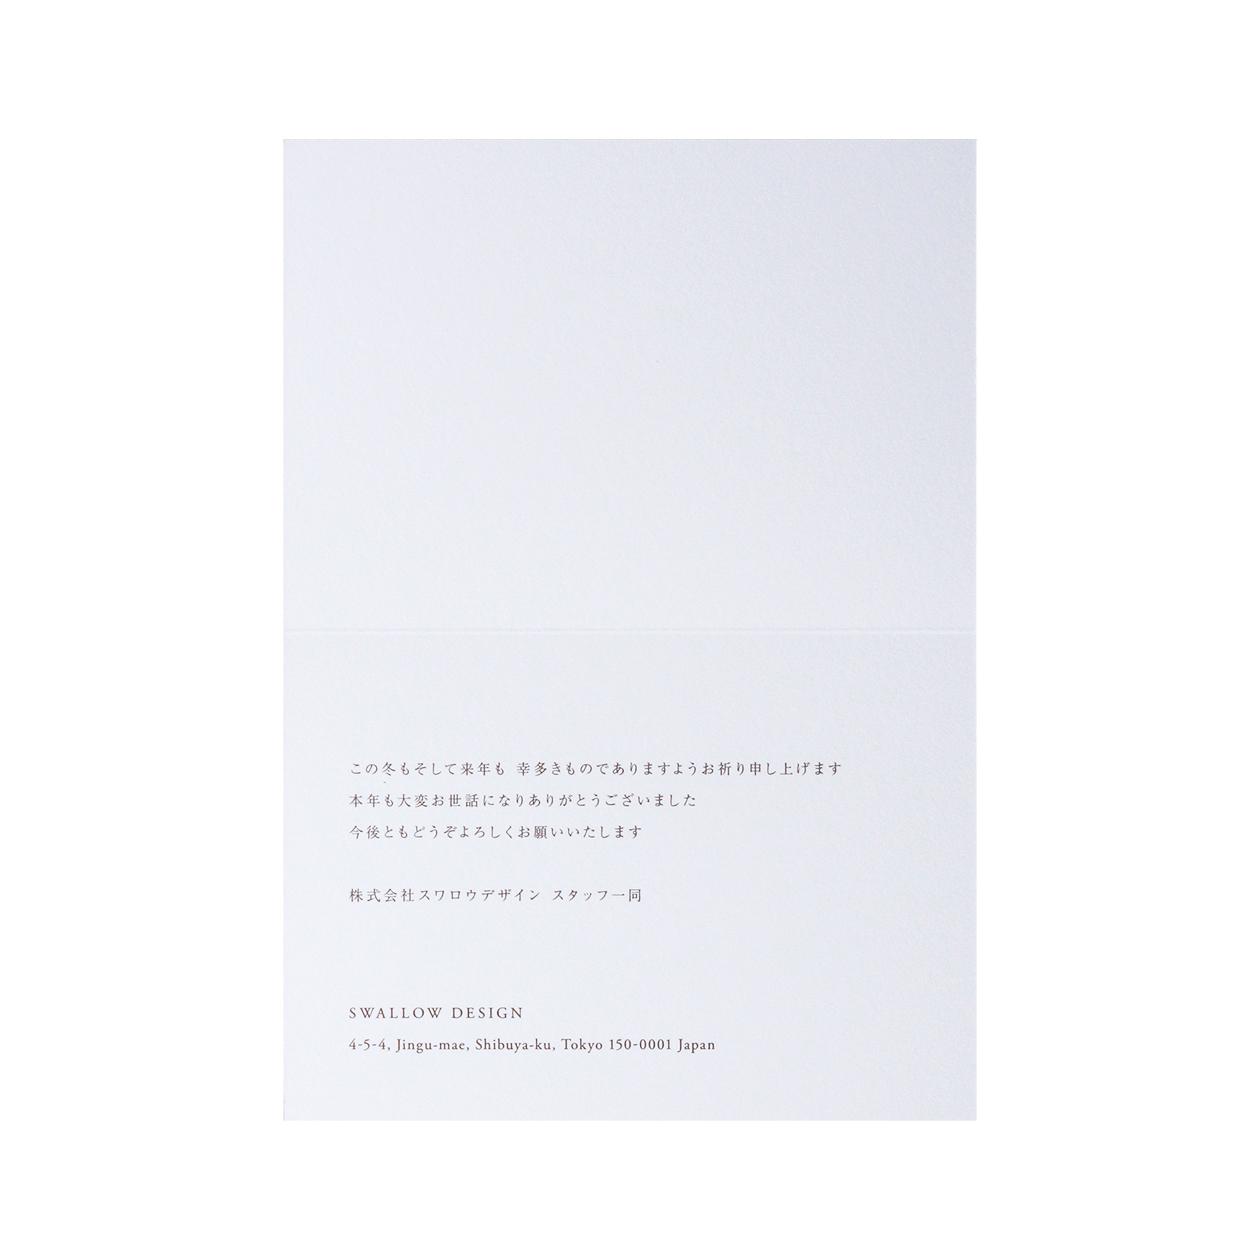 サンプル カード・シート 00259